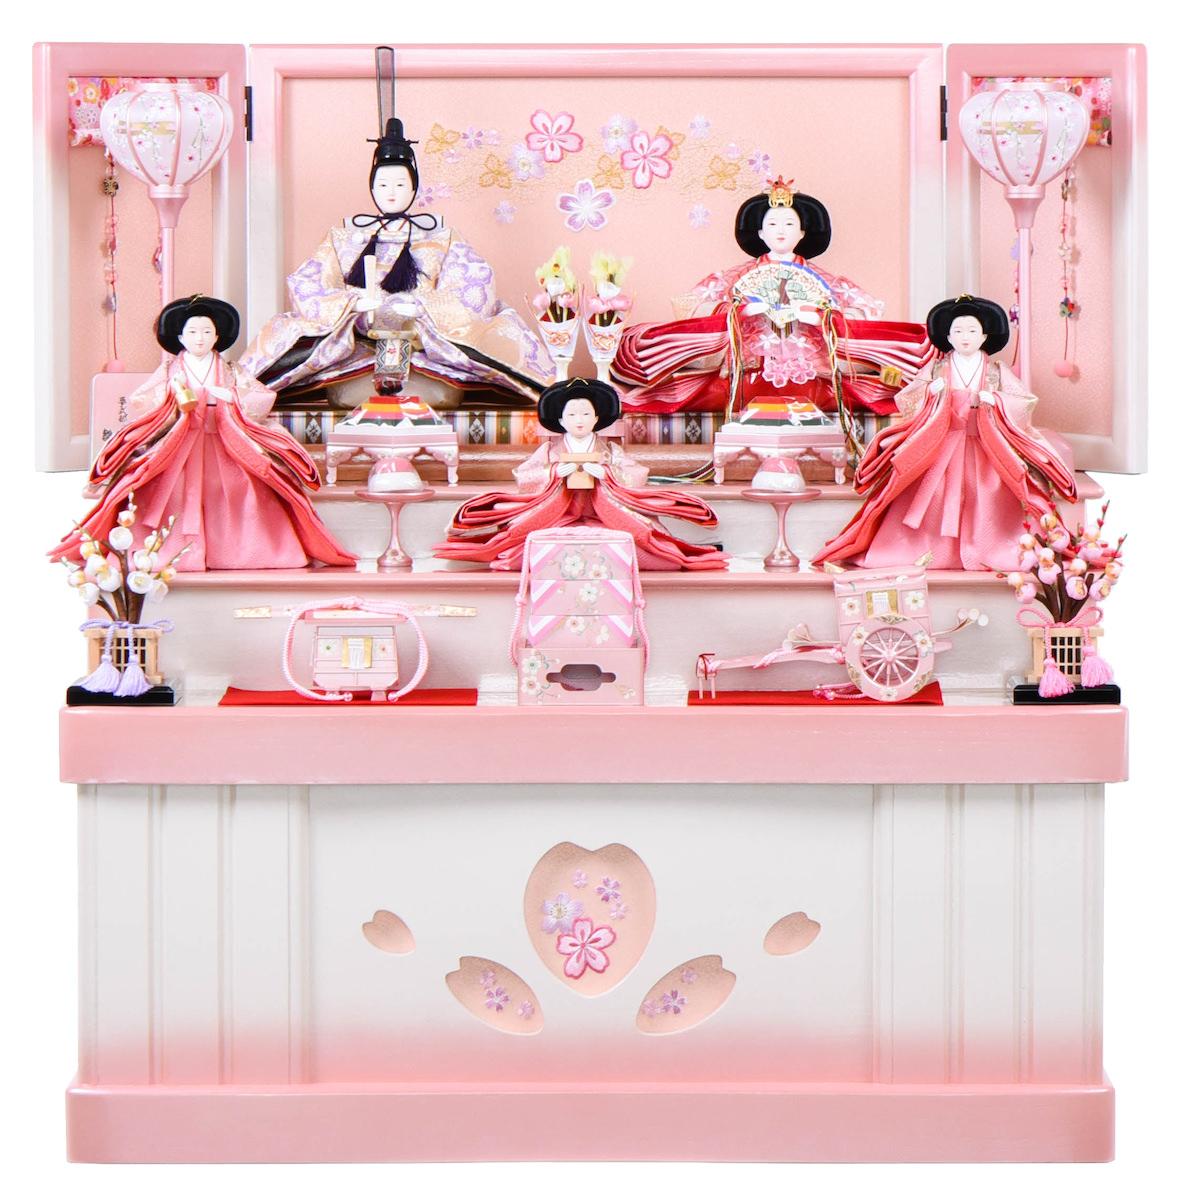 雛人形 ひな人形 カワイイ【収納台 ピンク五人飾り 三段飾り】 三五 かぶせ式収納台5人飾 雛聖 可愛い